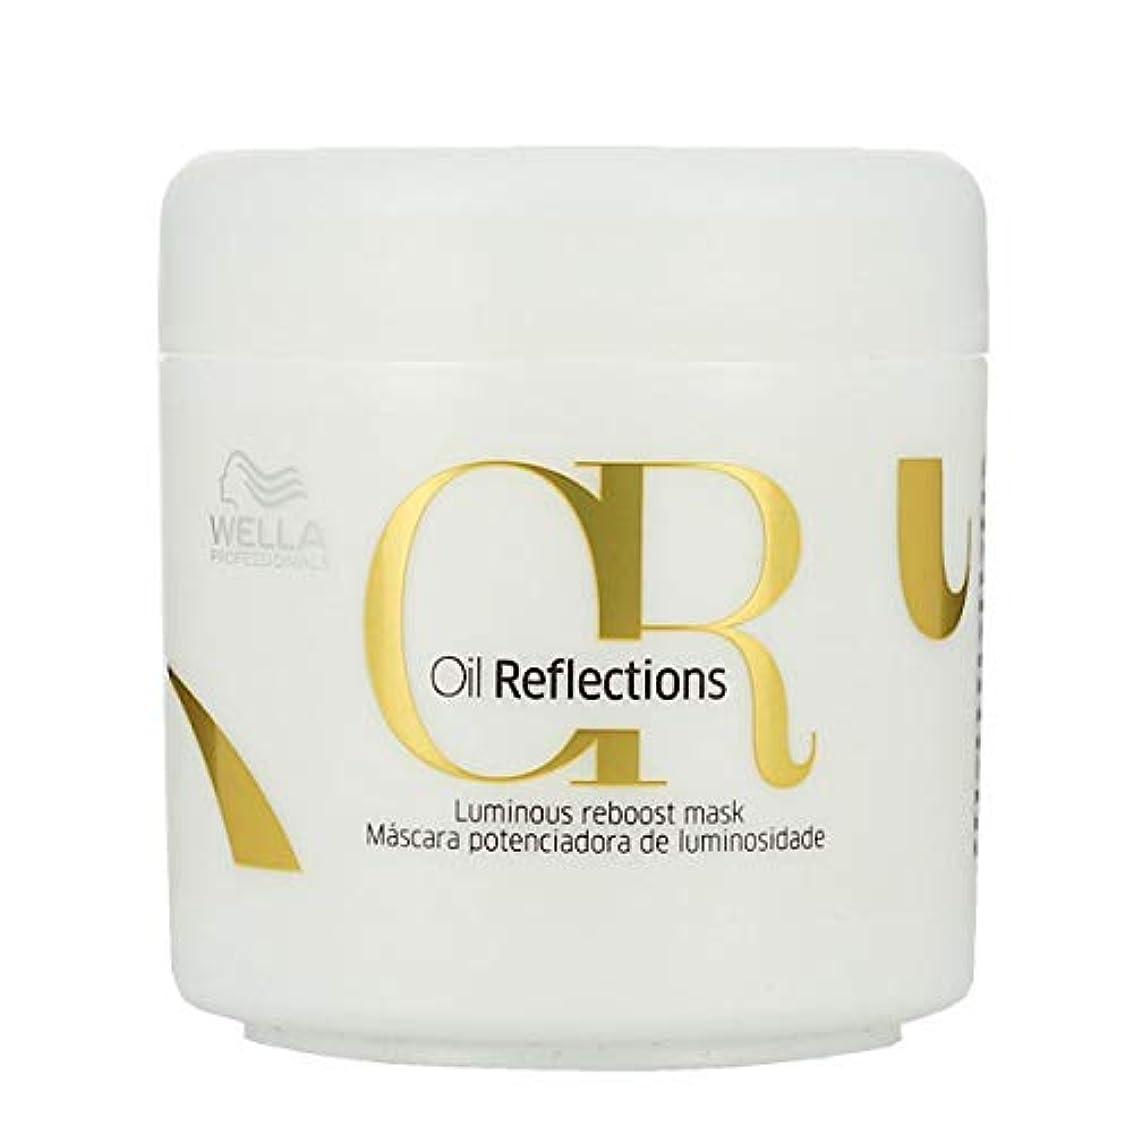 ボルトオフと遊ぶWella Professionals Oil Reflections Luminous Reboost Mask ウエラ オイルリフレクション マスク 150 ml [並行輸入品]